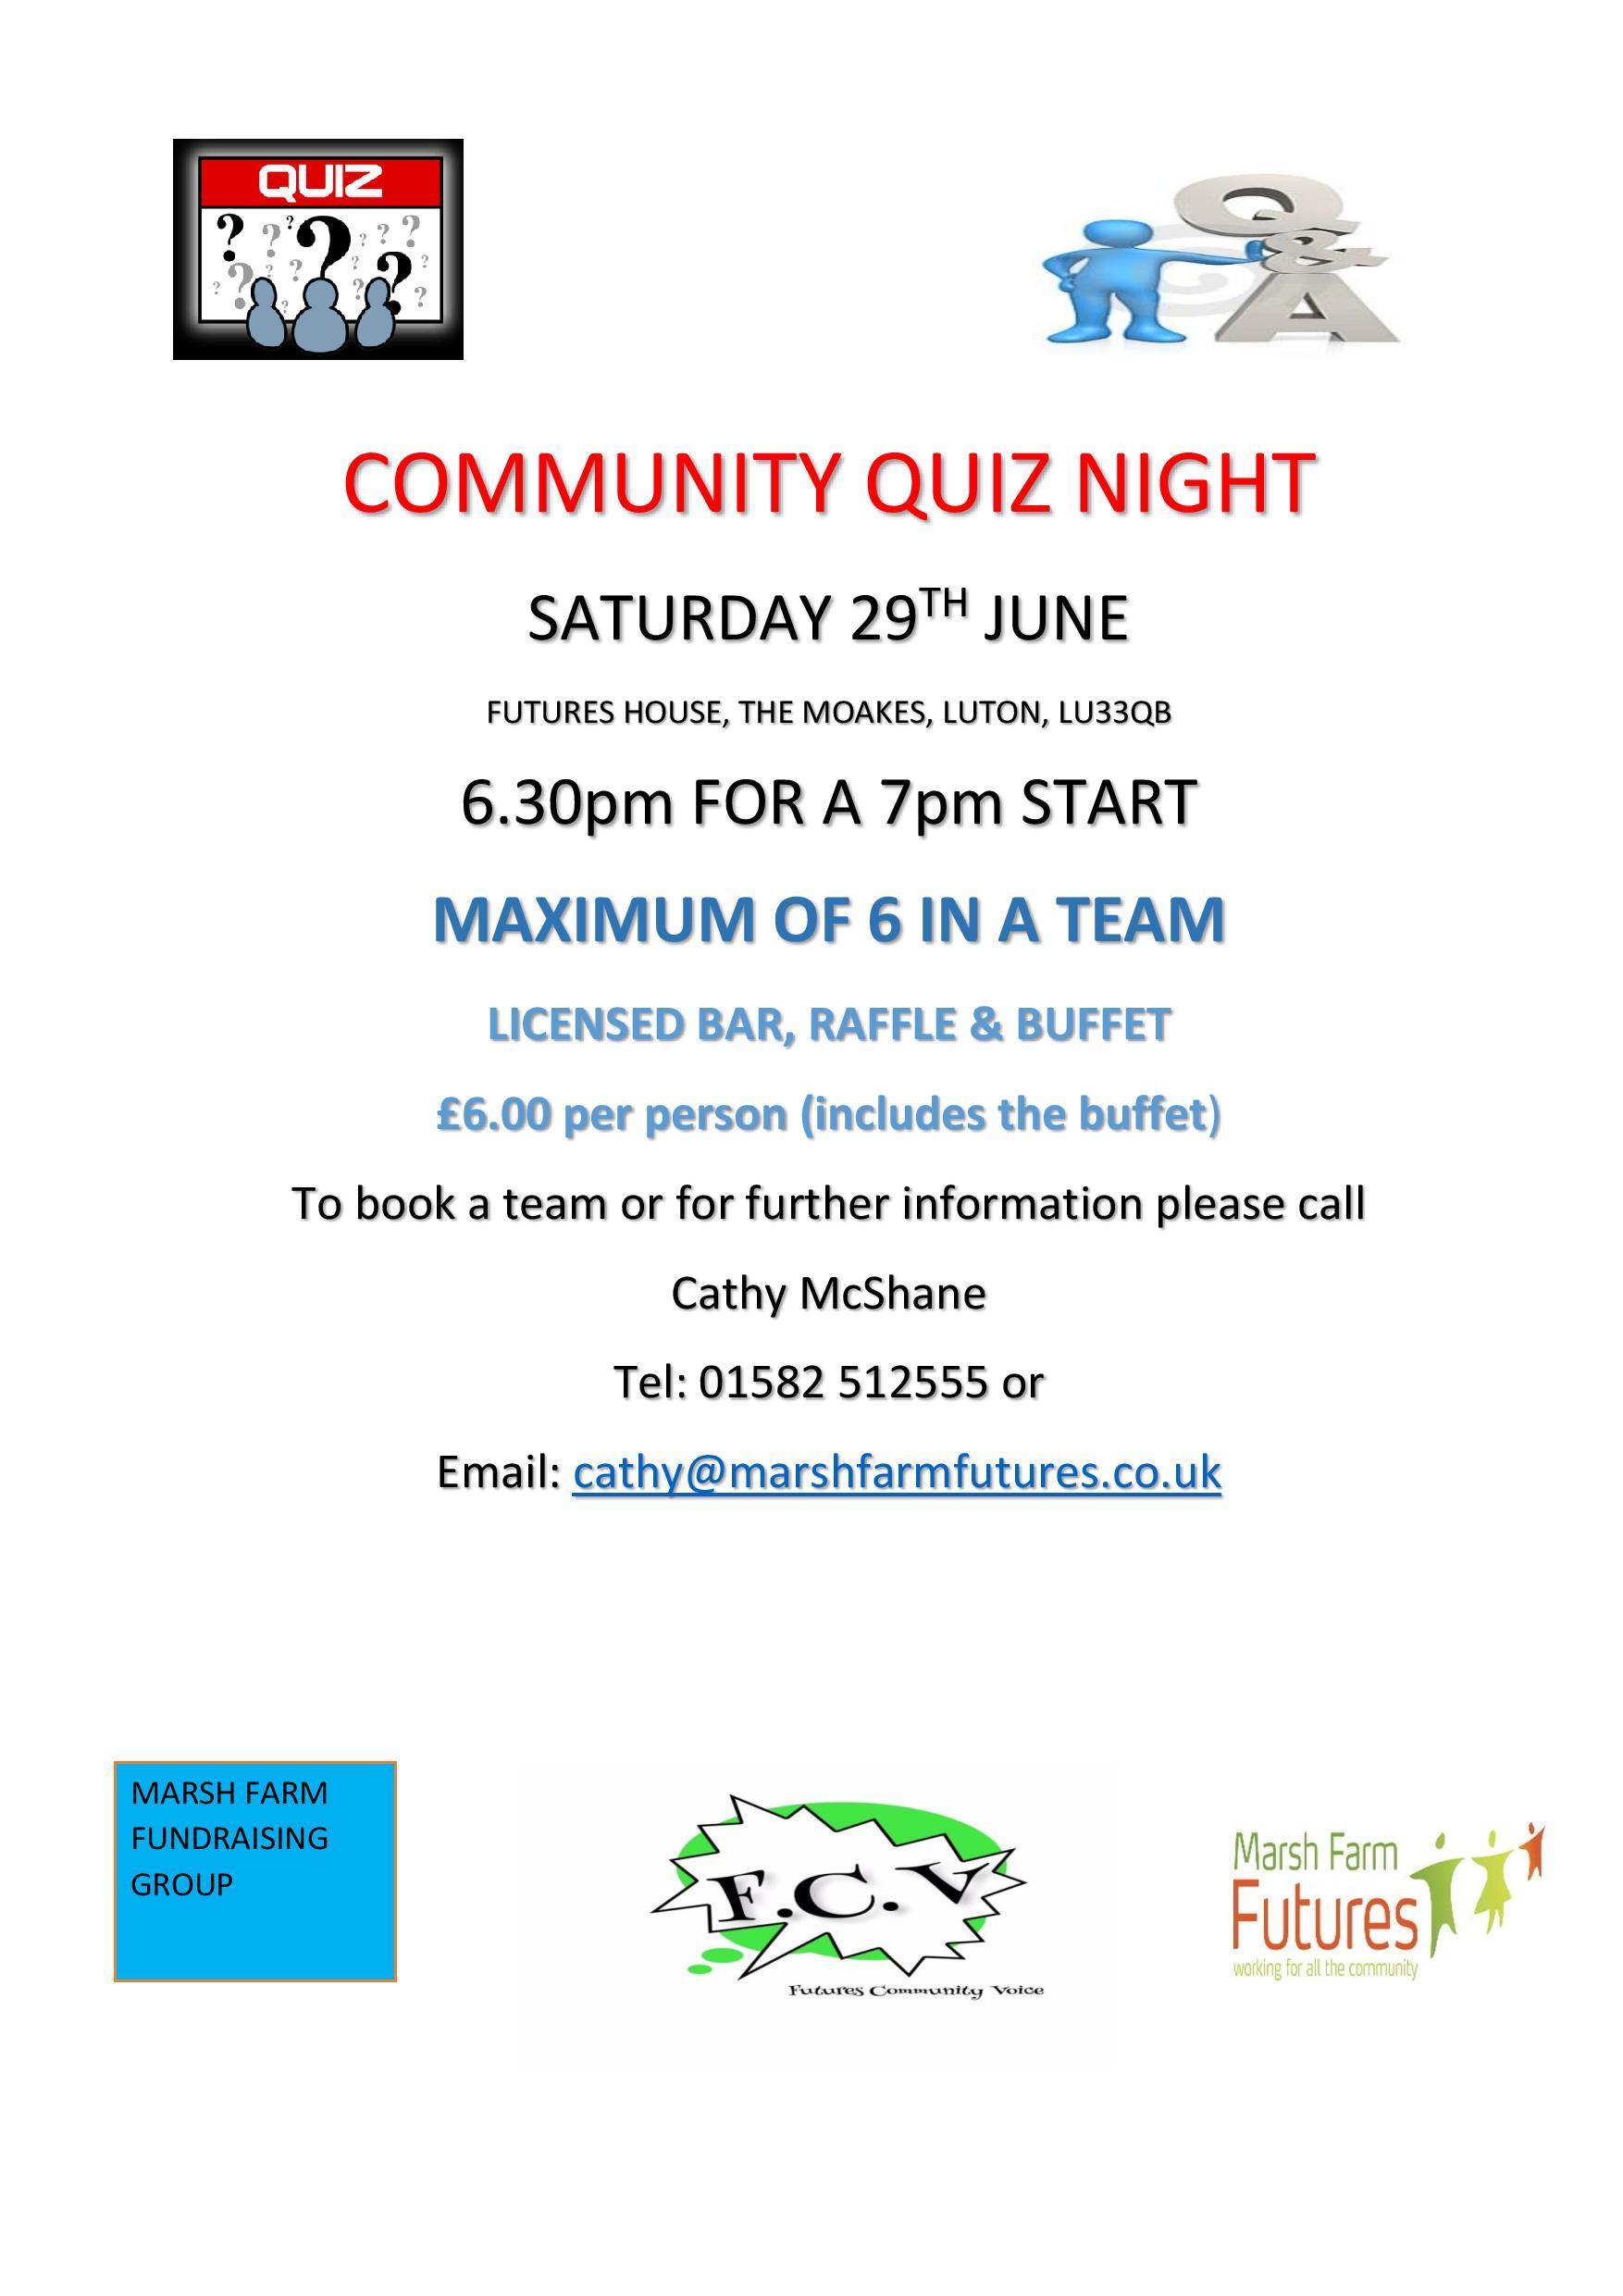 Community Quiz Night Marsh Farm Futures